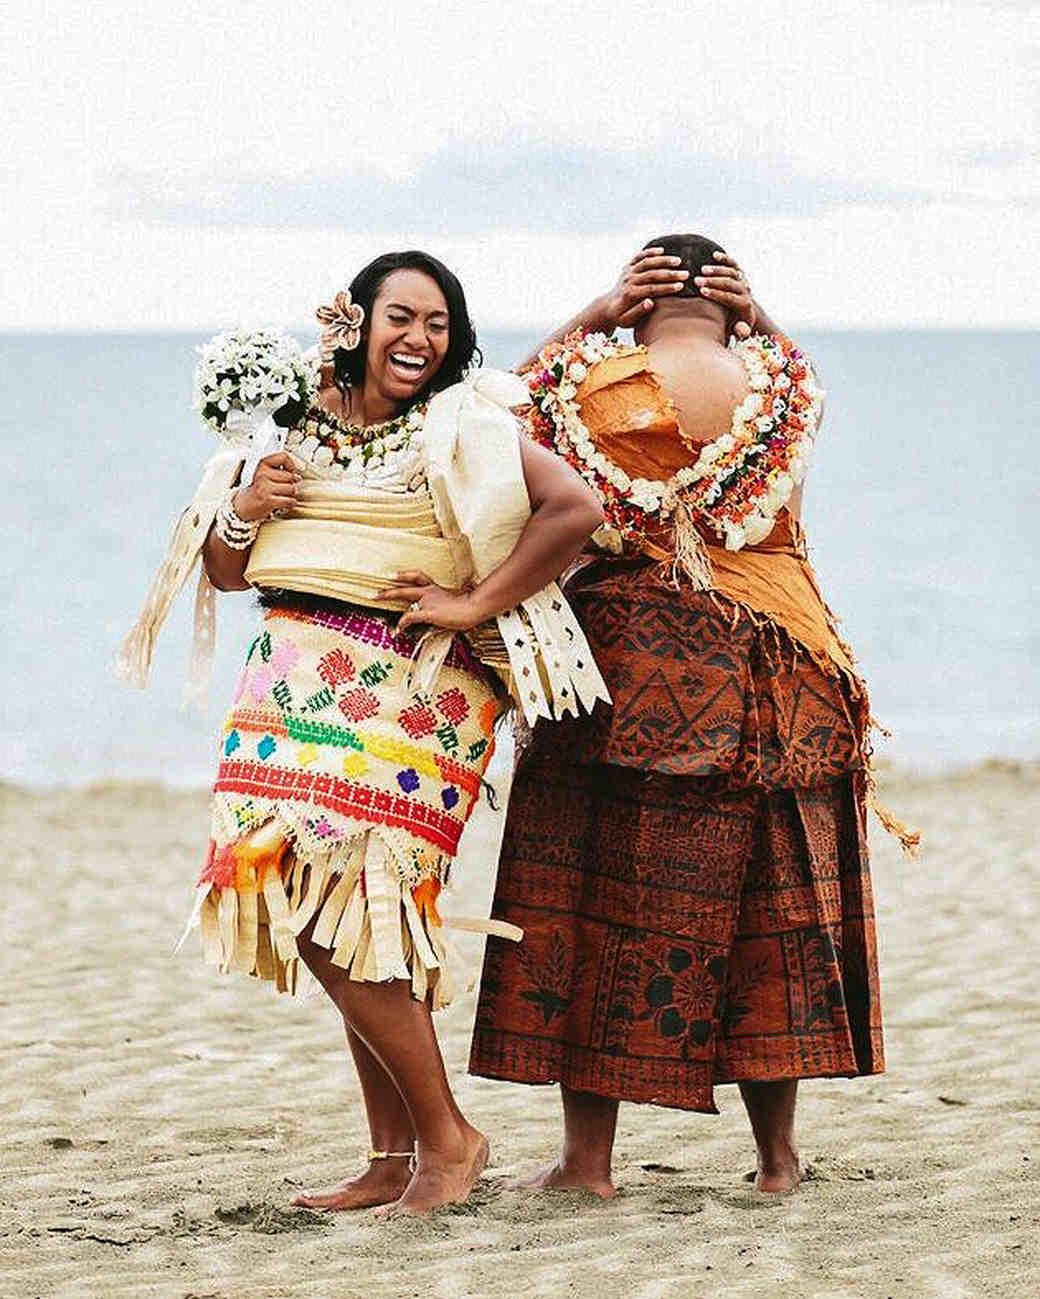 worldly wedding dresses kama catch me 02